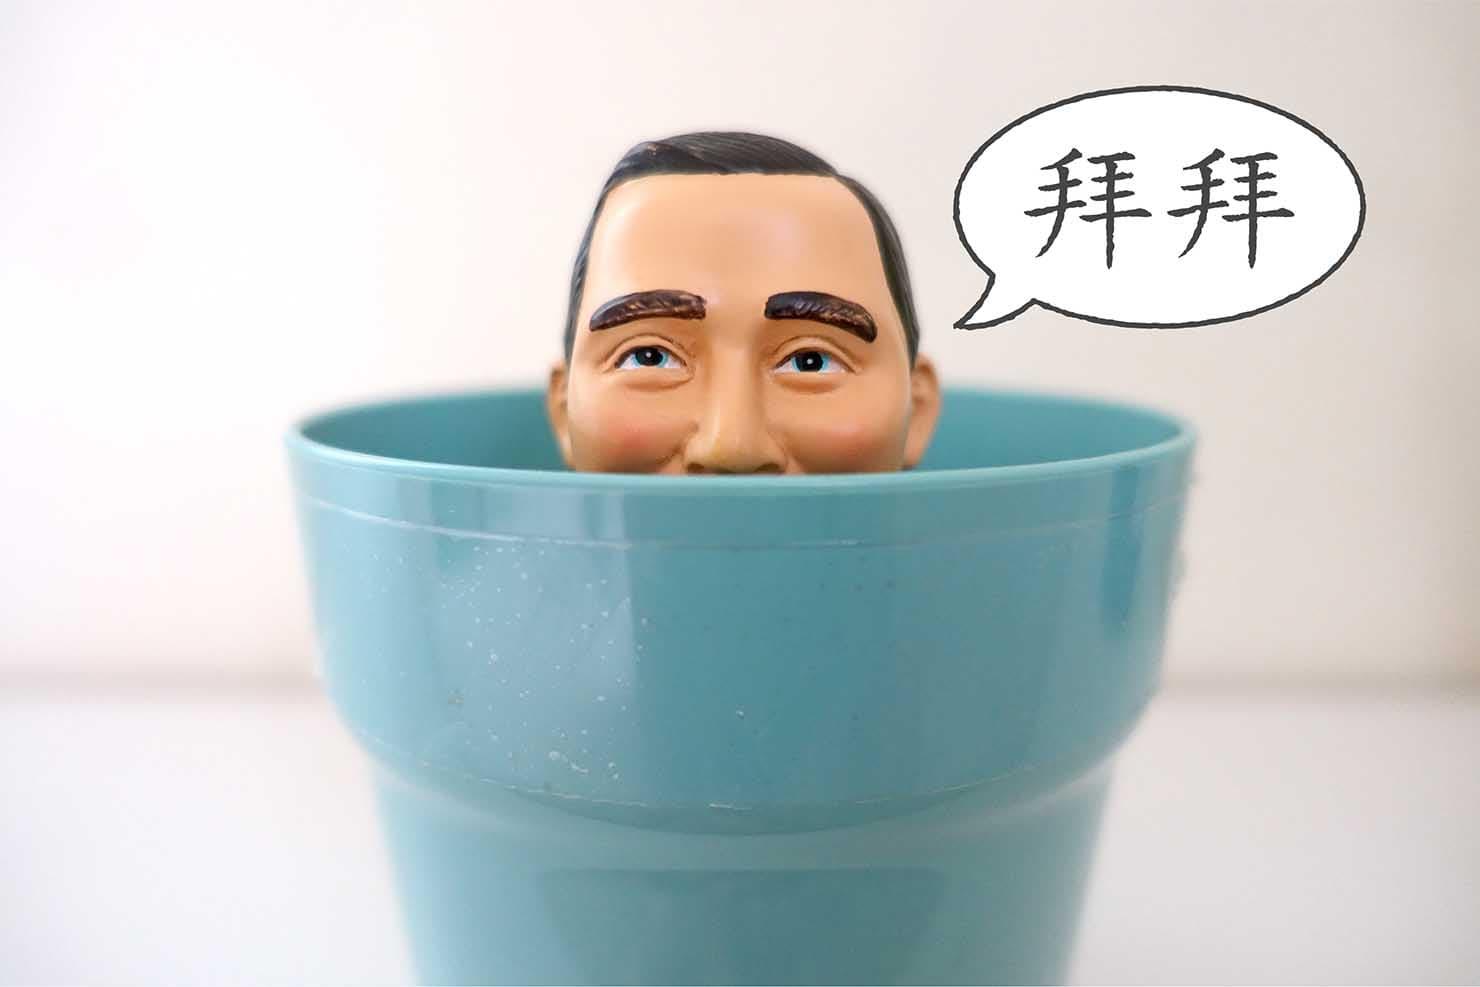 台湾でよく使われる中国語の挨拶「拜拜(バイバイ)」